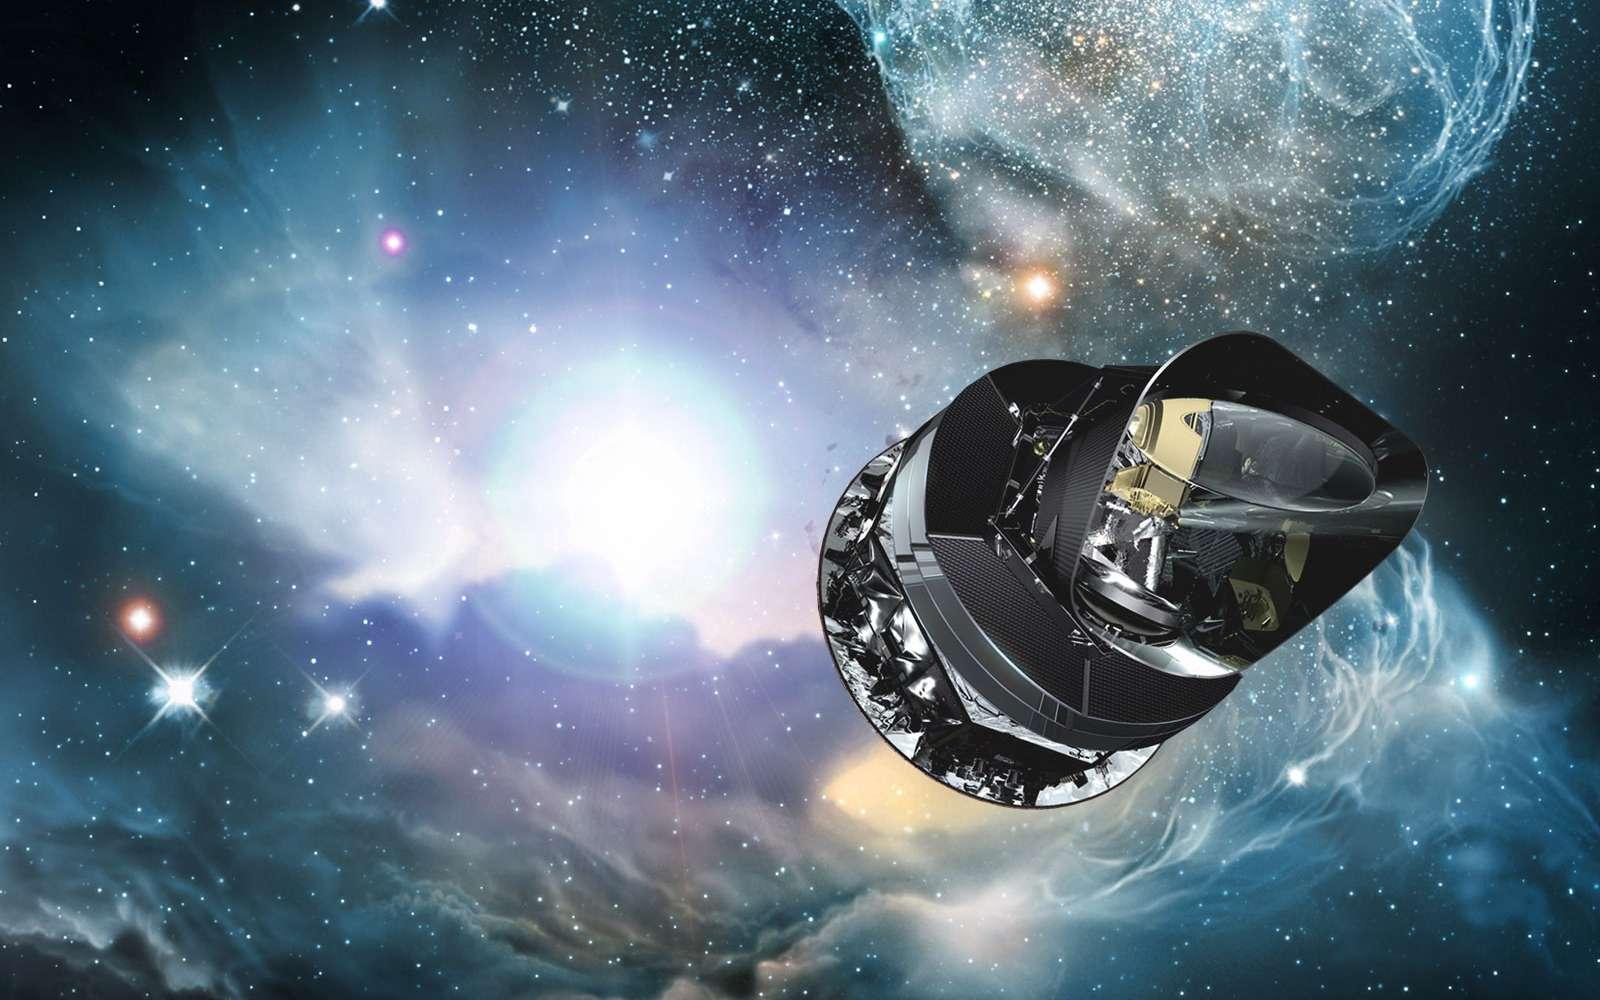 Une vue d'artiste du satellite Planck. Il ne sert pas qu'à étudier le rayonnement fossile mais donne des renseignements sur diverses questions d'astrophysique et de cosmologie. © Esa, ESO, STECF, Wolfram Freudling-Esa/AOES Medialab